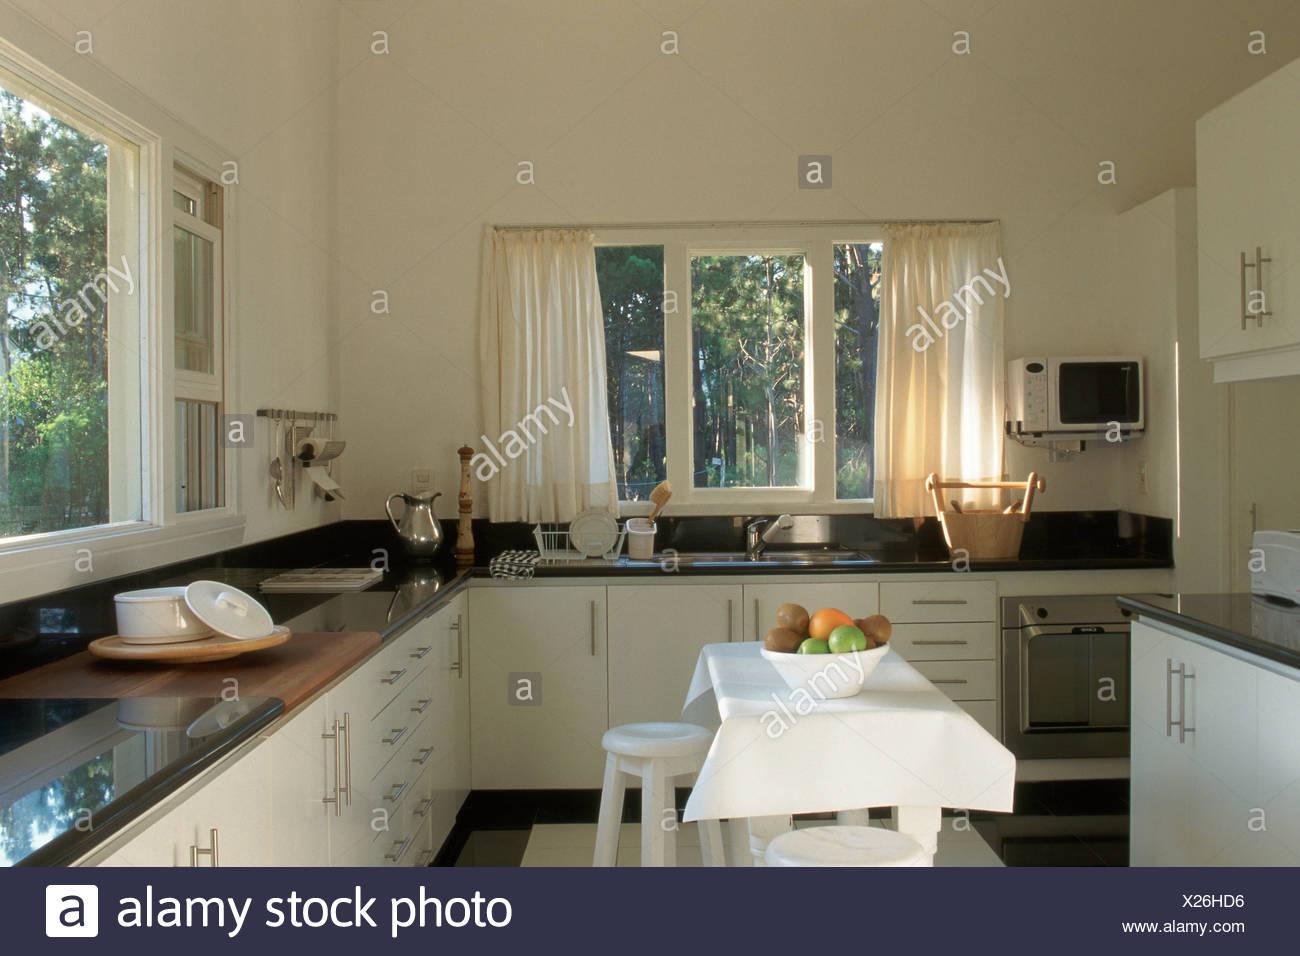 Cucina piani di lavoro nero tabella giardino attraverso la finestra ...